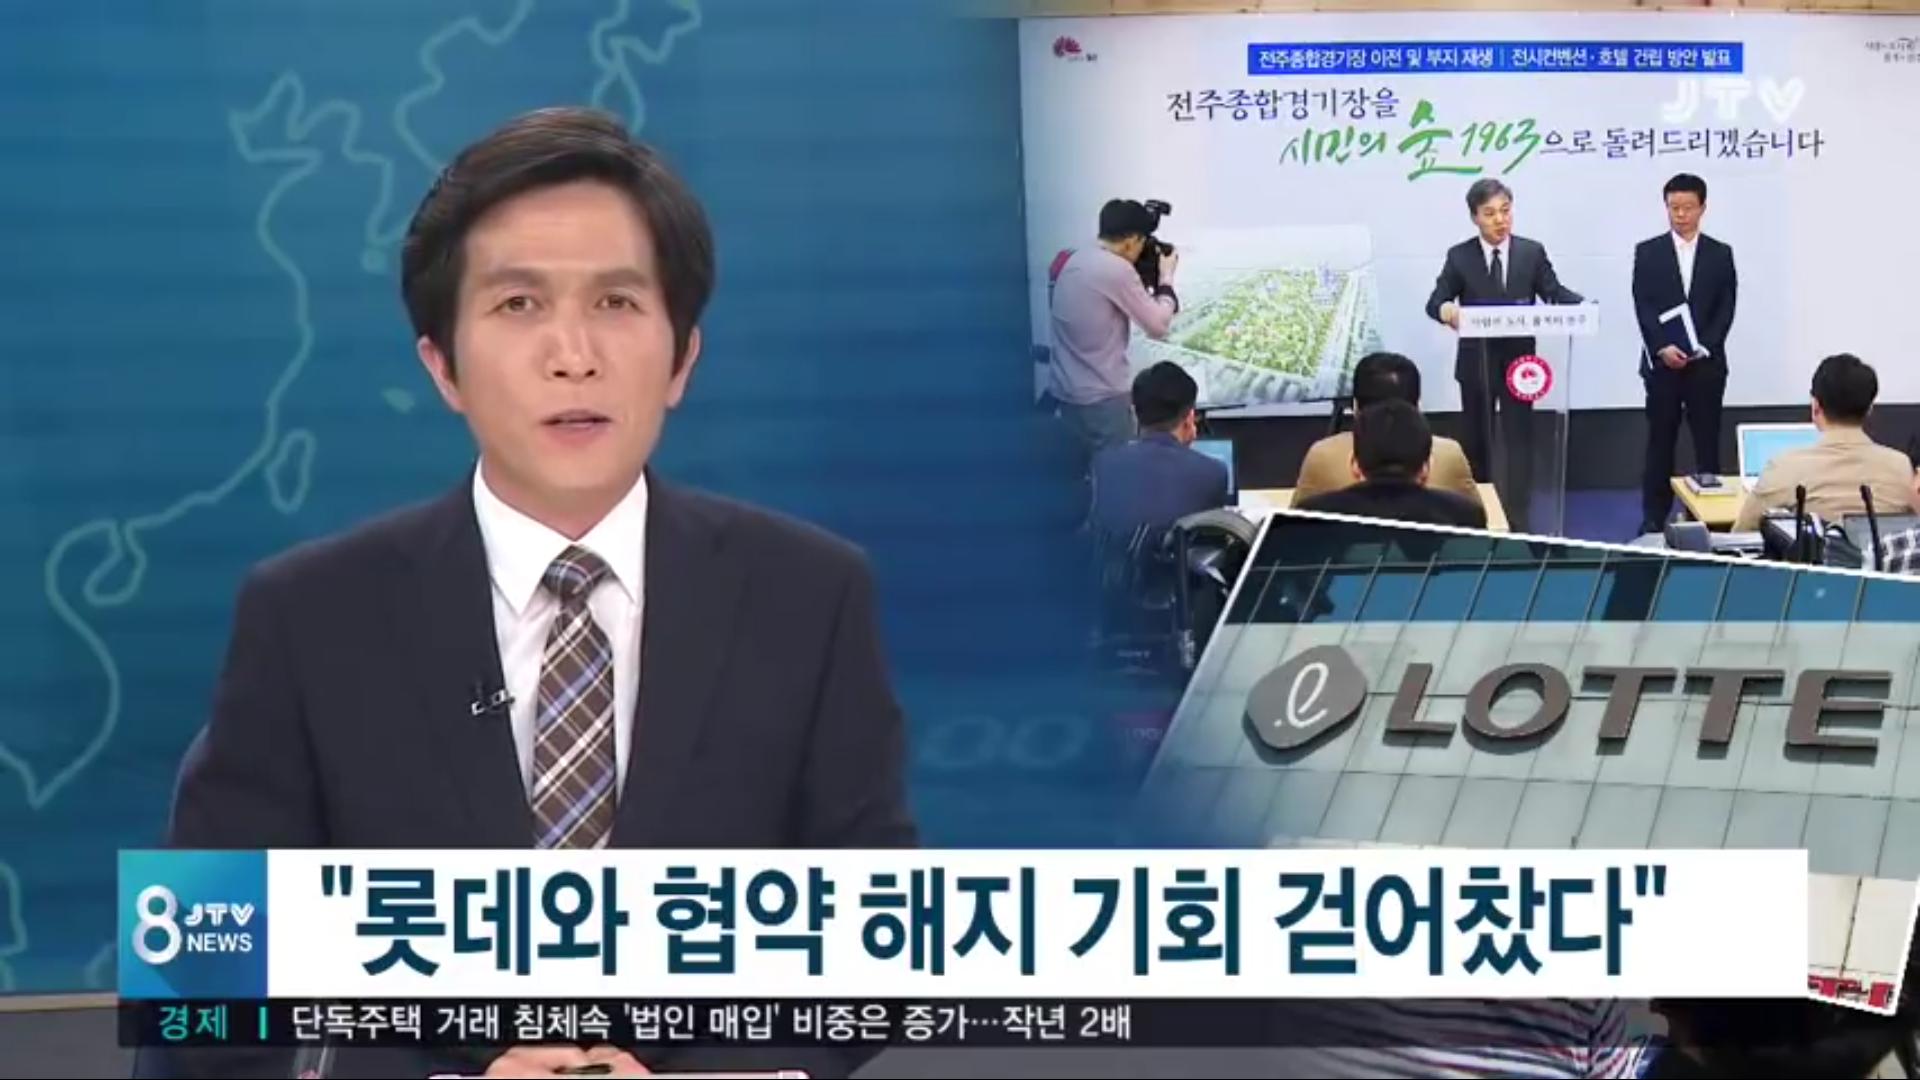 [19.5.15 JTV] 김승수 전주시장,  협약 해지 불가능 해명은 거짓으로 드러나 의혹 증폭1.png